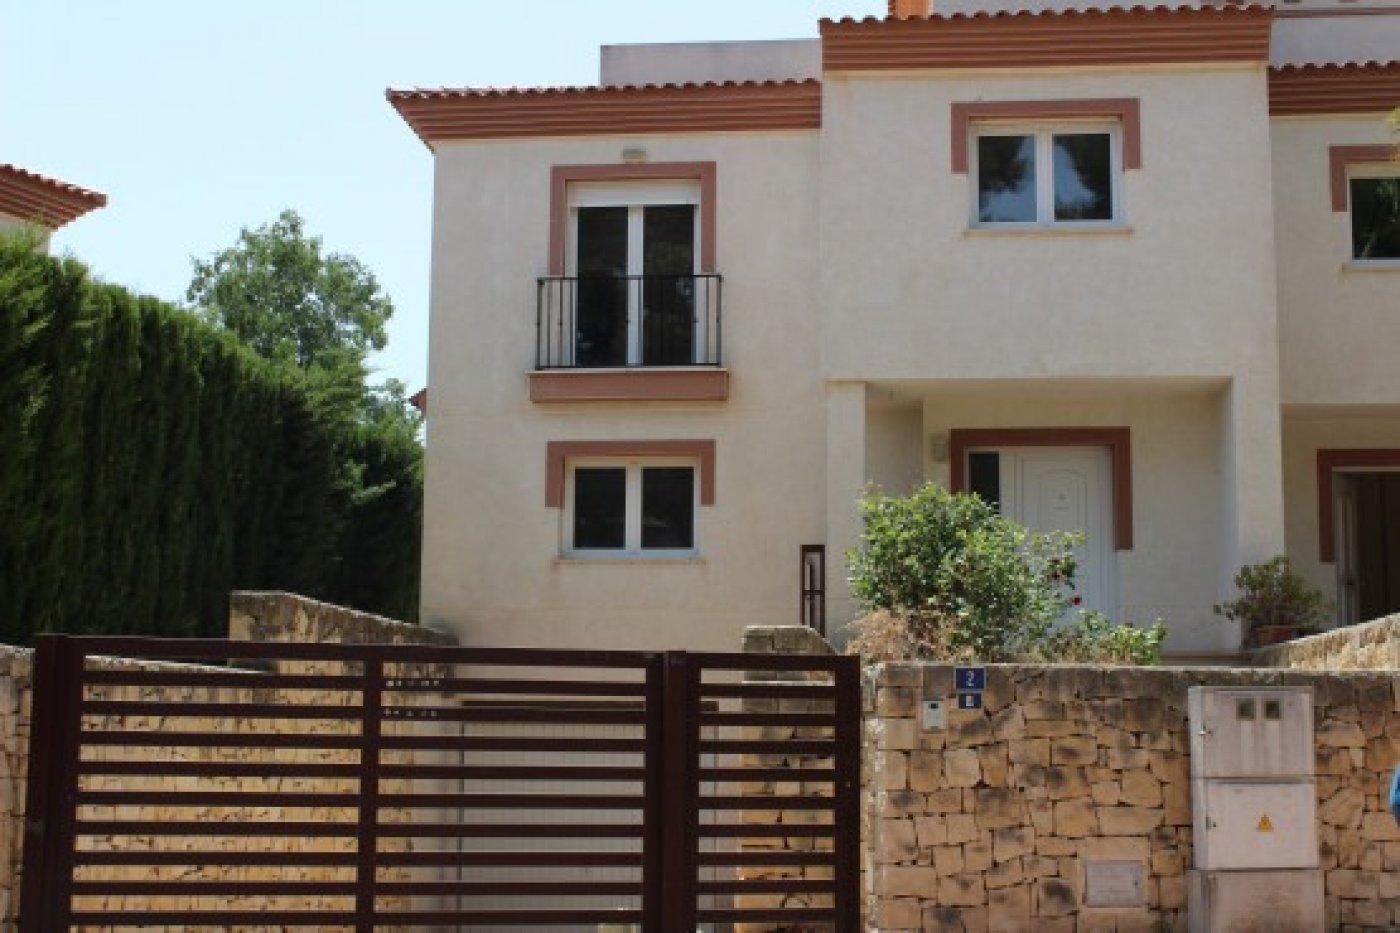 Casa en venta - Urb Belmonte - Alfaz del Pi